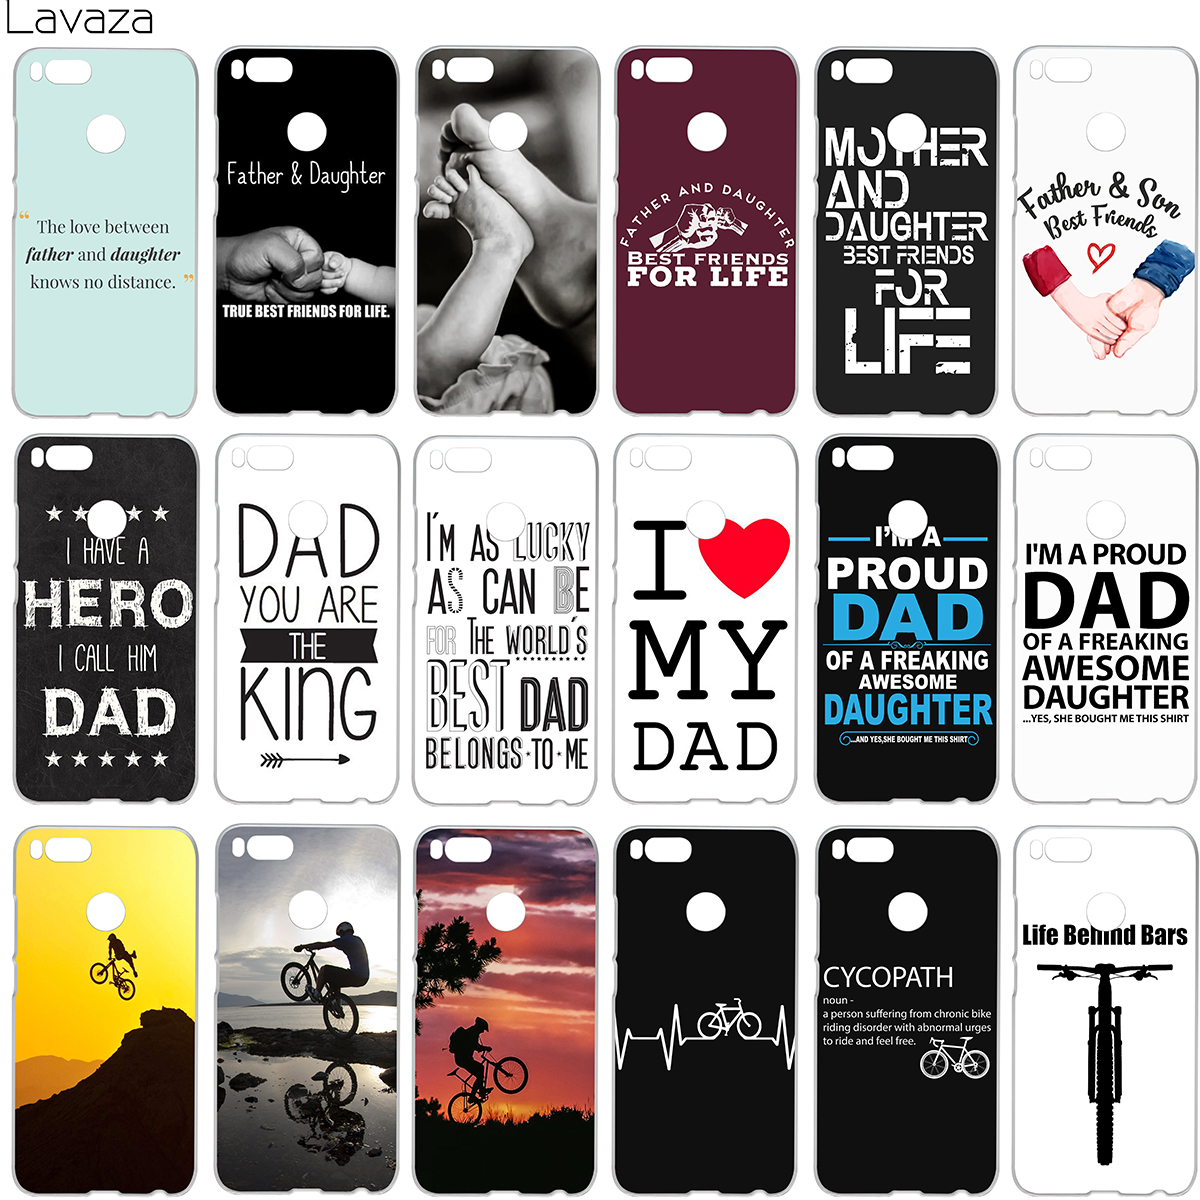 Lavaza Family Daddy And Daughter Son Im A Proud Dad Case for Xiaomi Redmi Note 4 4x 4a mi a1 8 6 se mi8 mi6 Pro